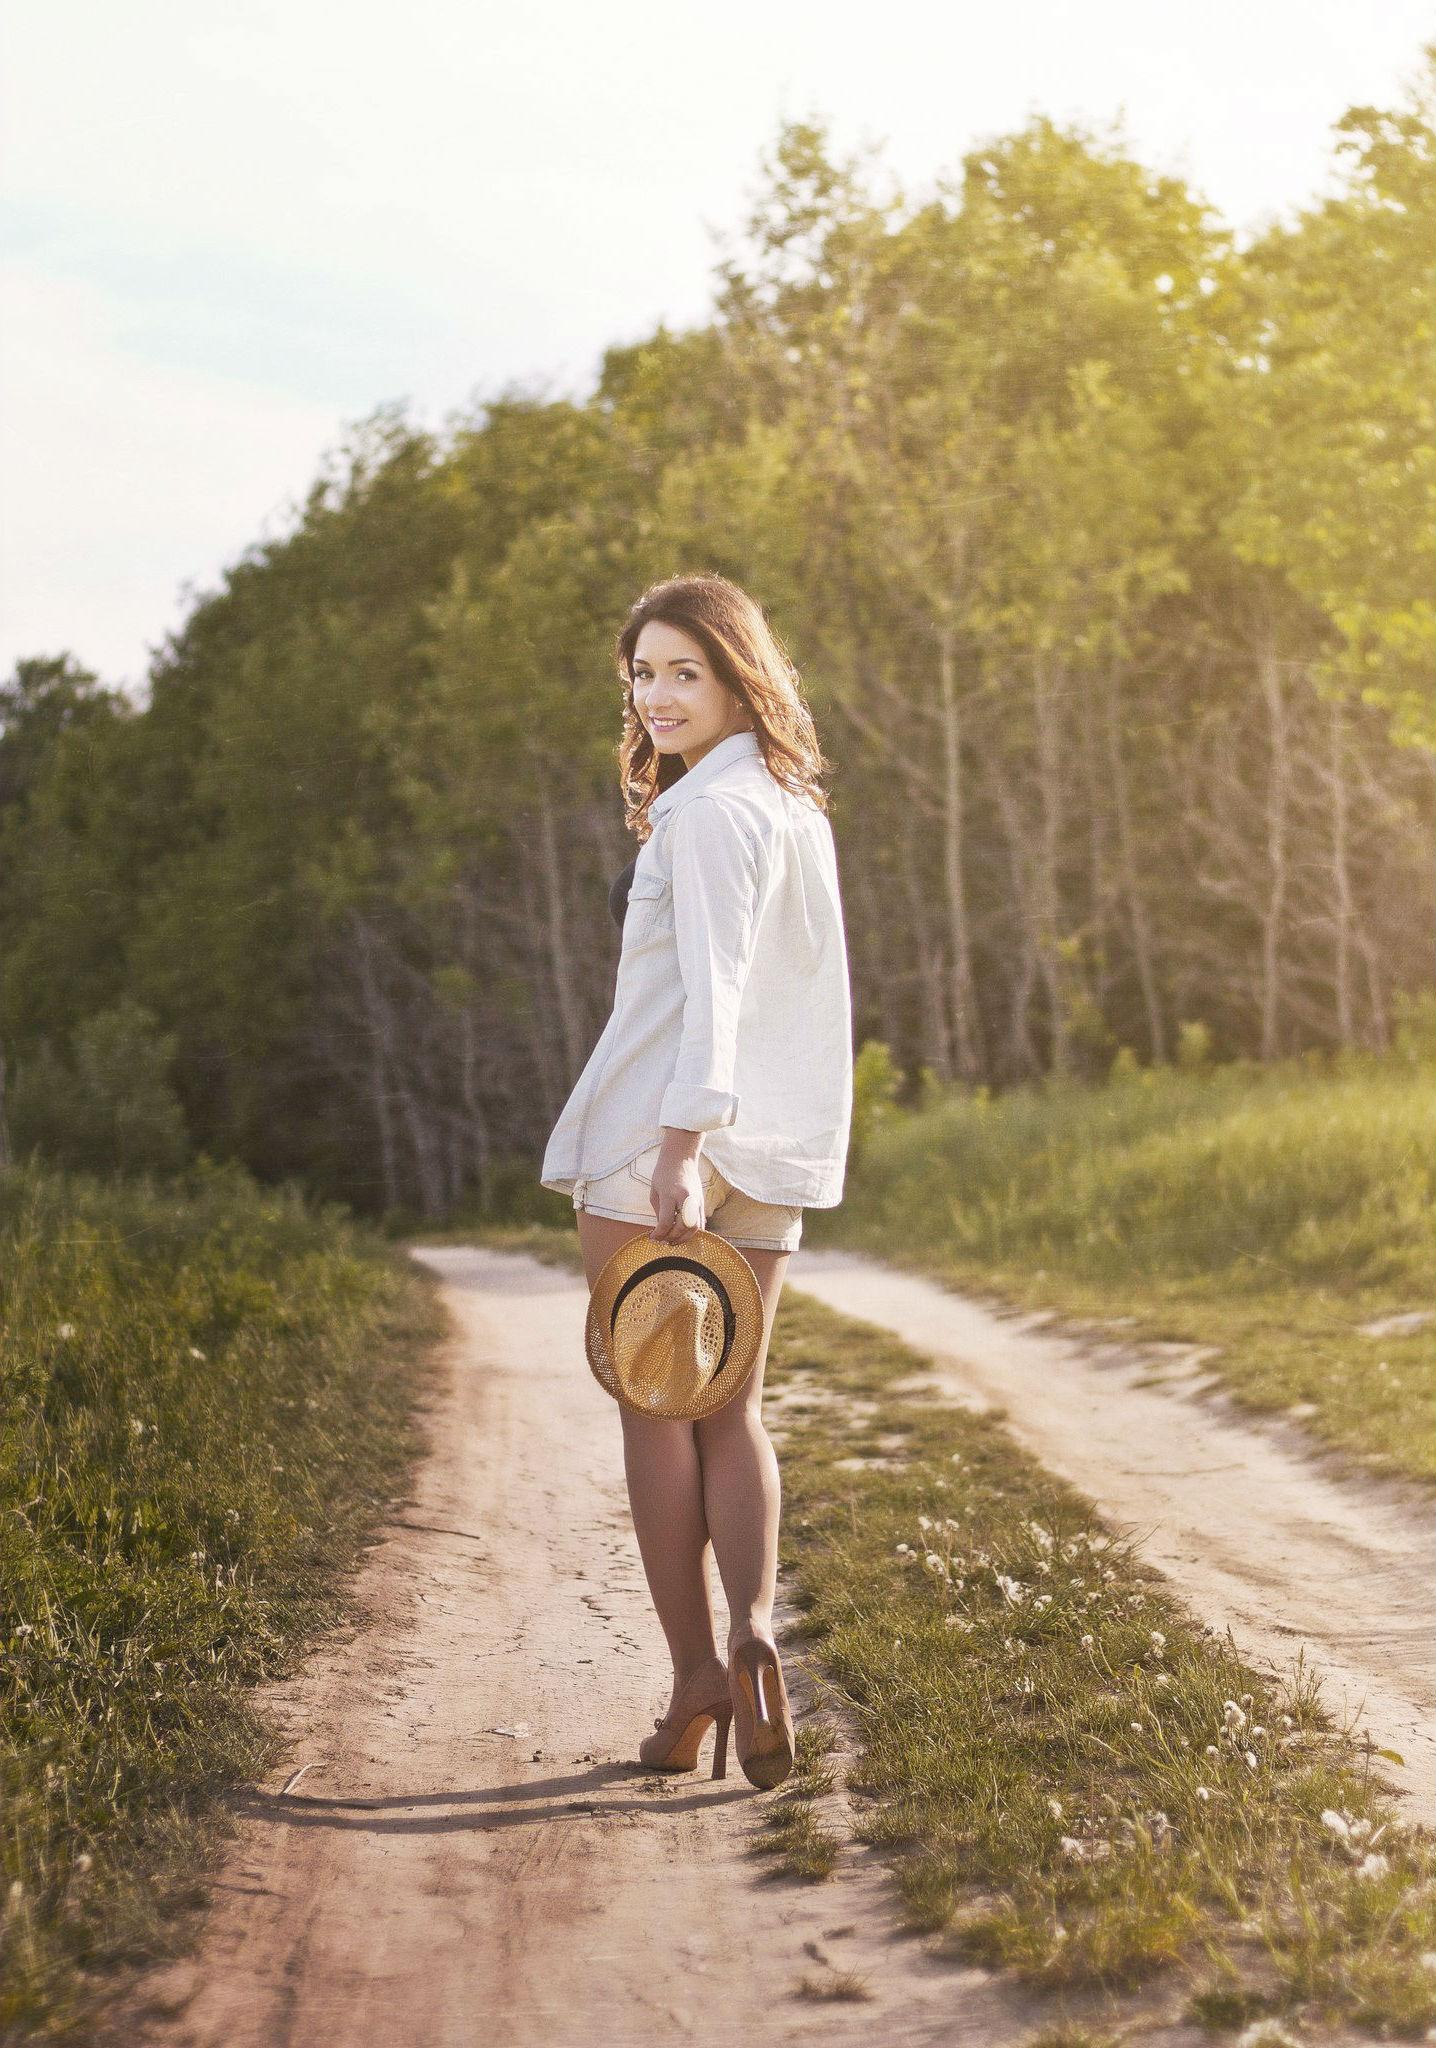 Девчонка-шатенка  в колготках и шортах прогуливается по дорожке